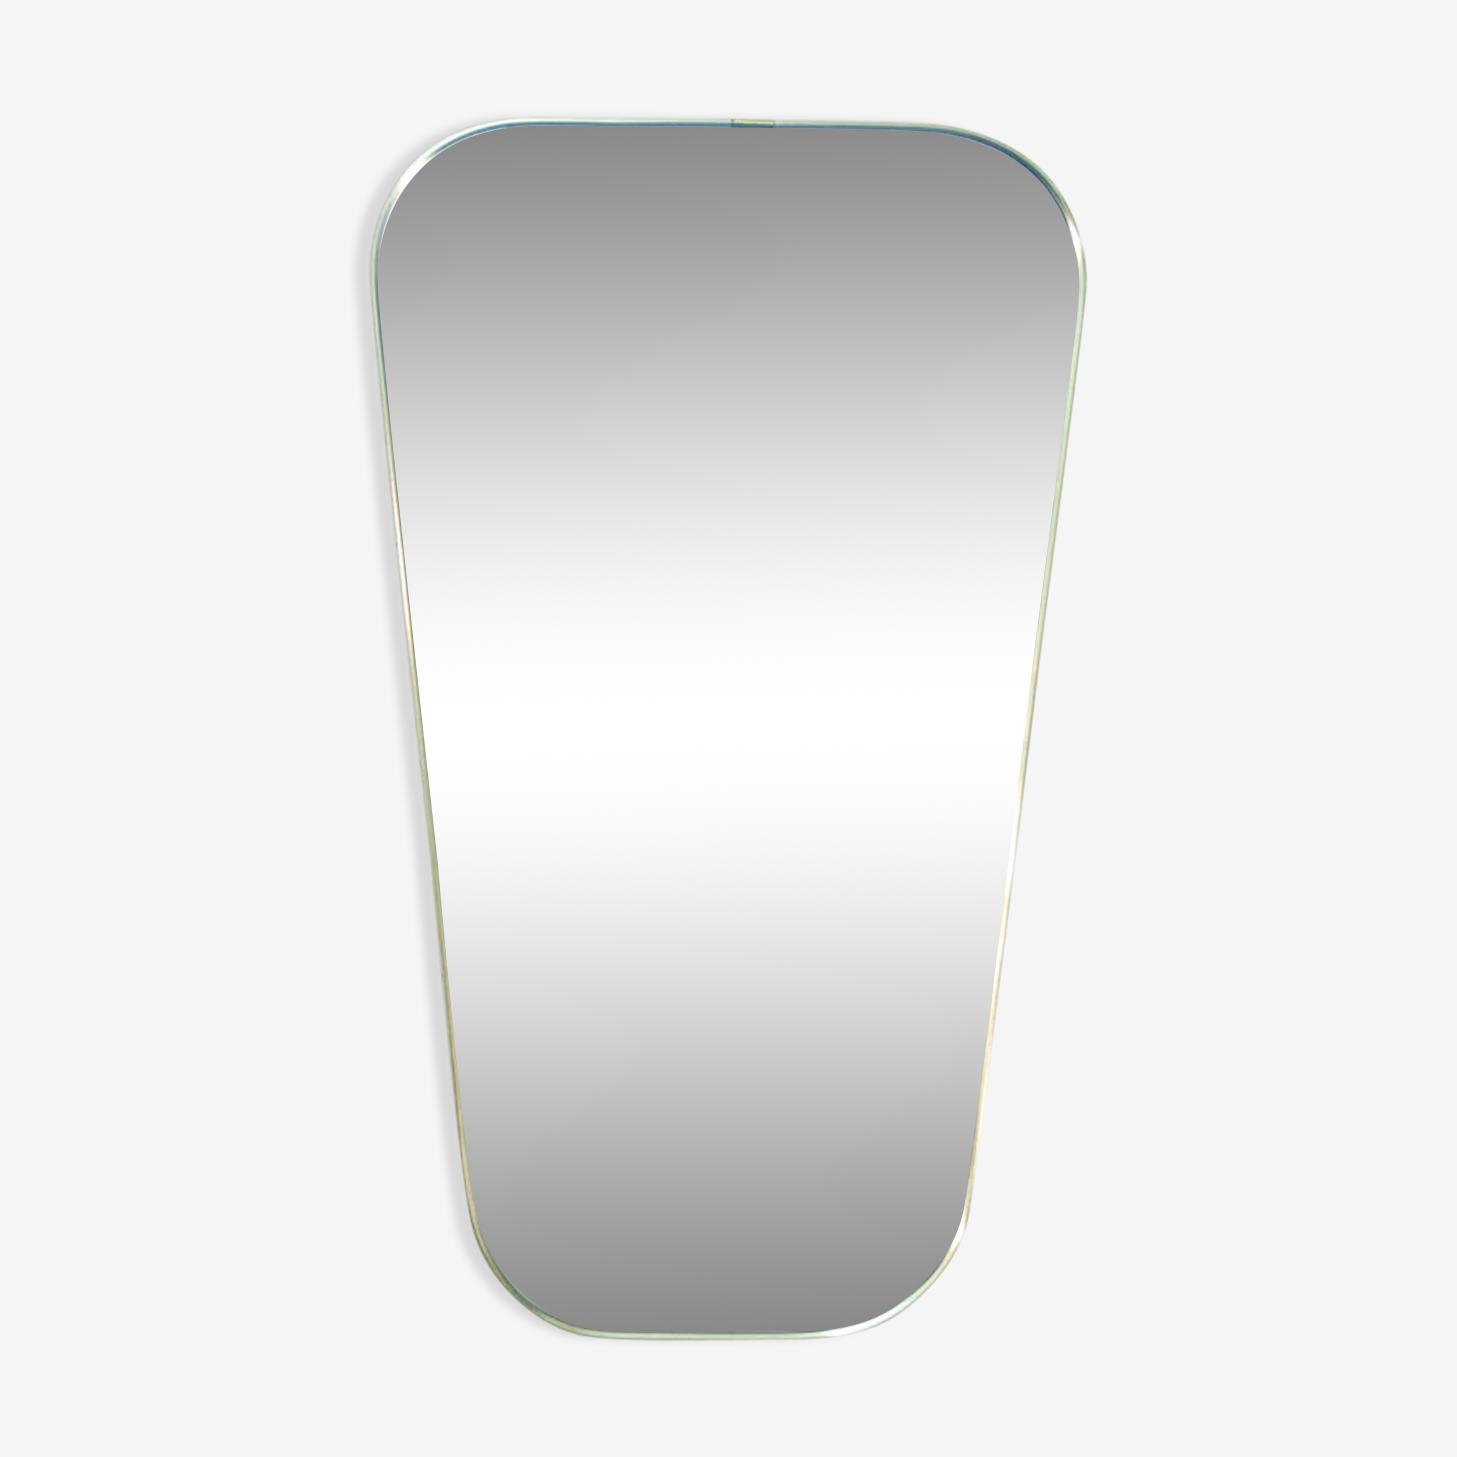 Golden brass mirror 59x38cm